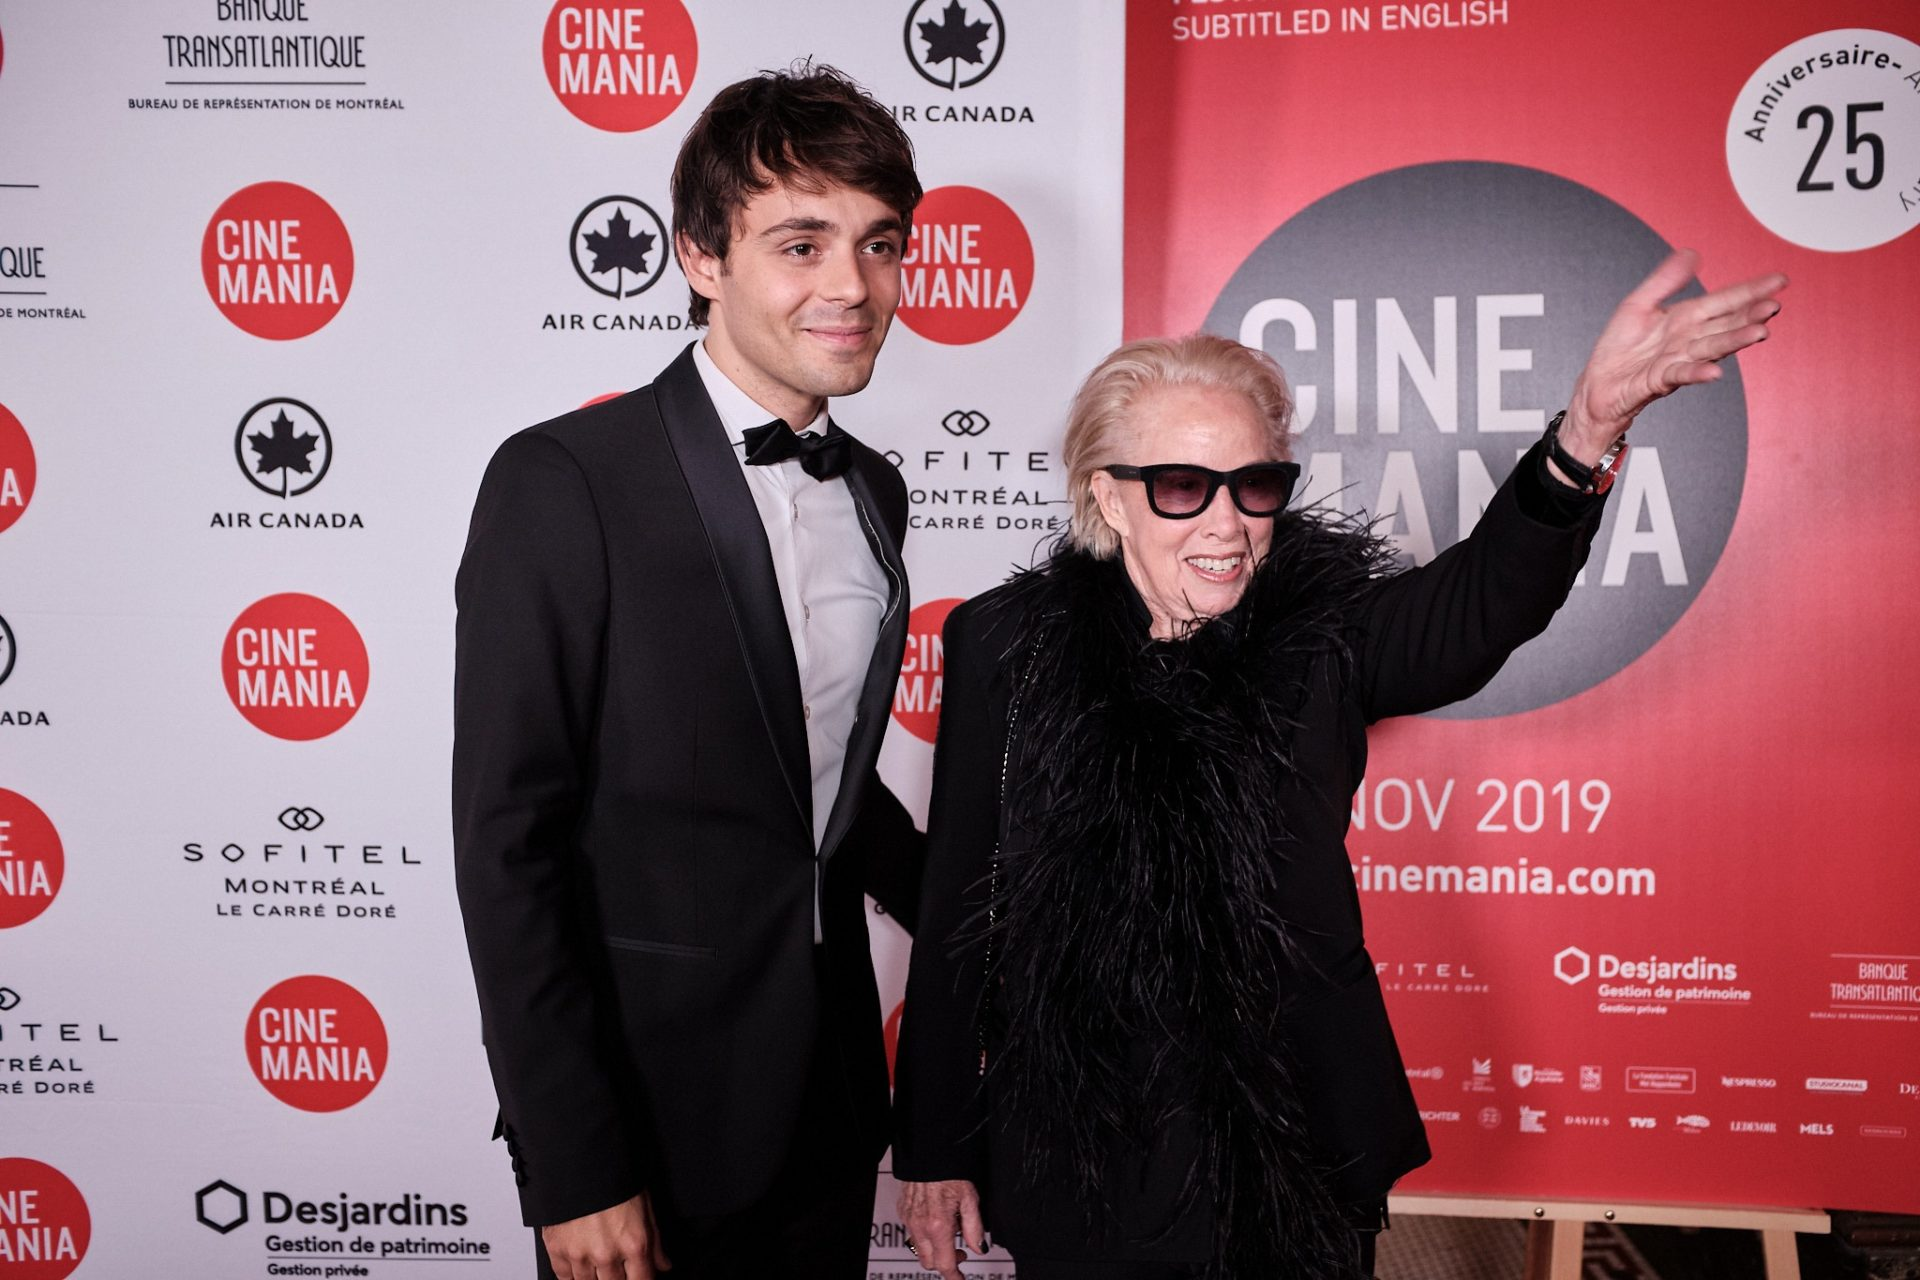 CINEMANIA annonce le départ de Maidy Teitelbaum, présidente-fondatrice